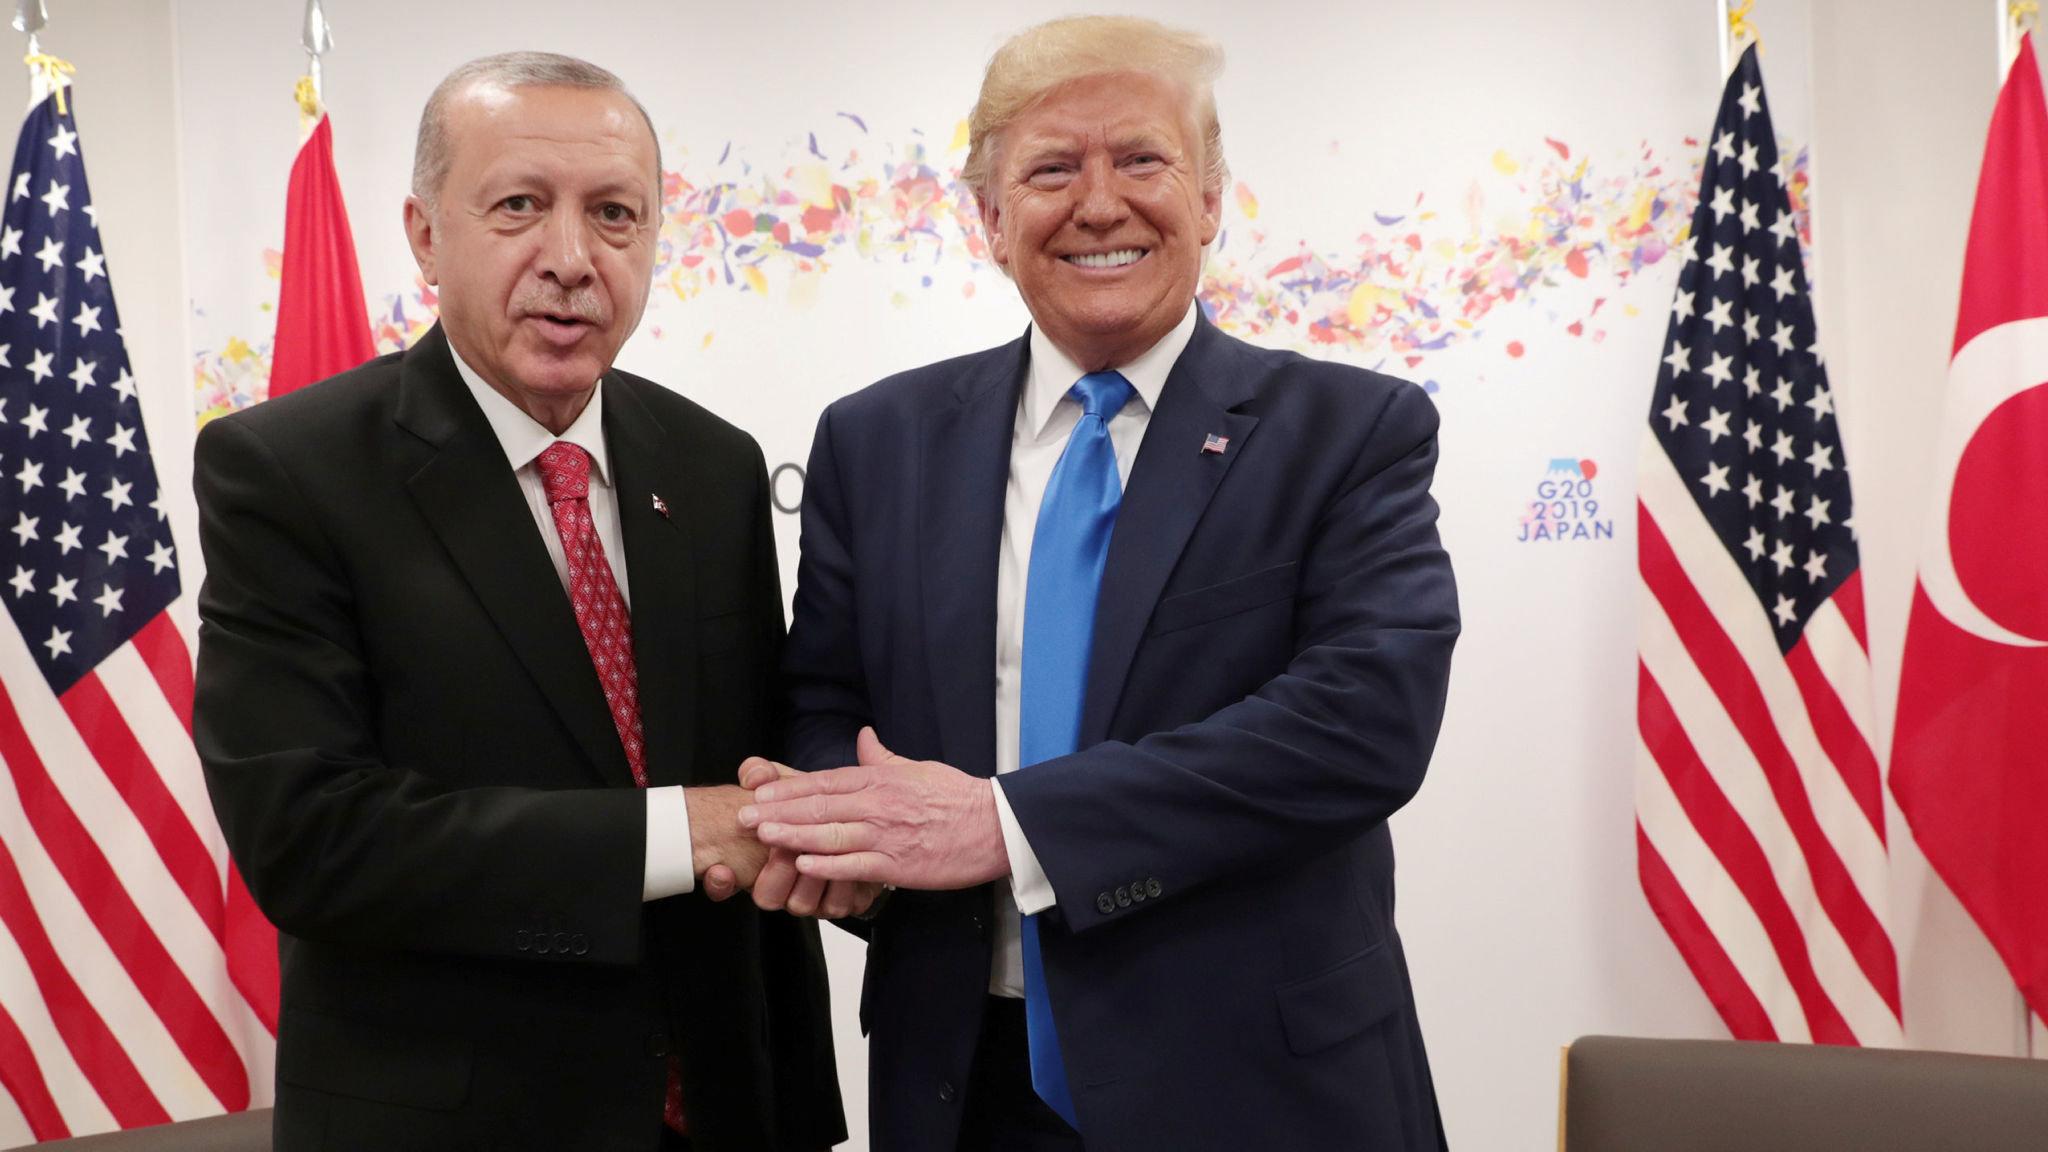 Turkey's Erdogan eyes 'new era' with Trump